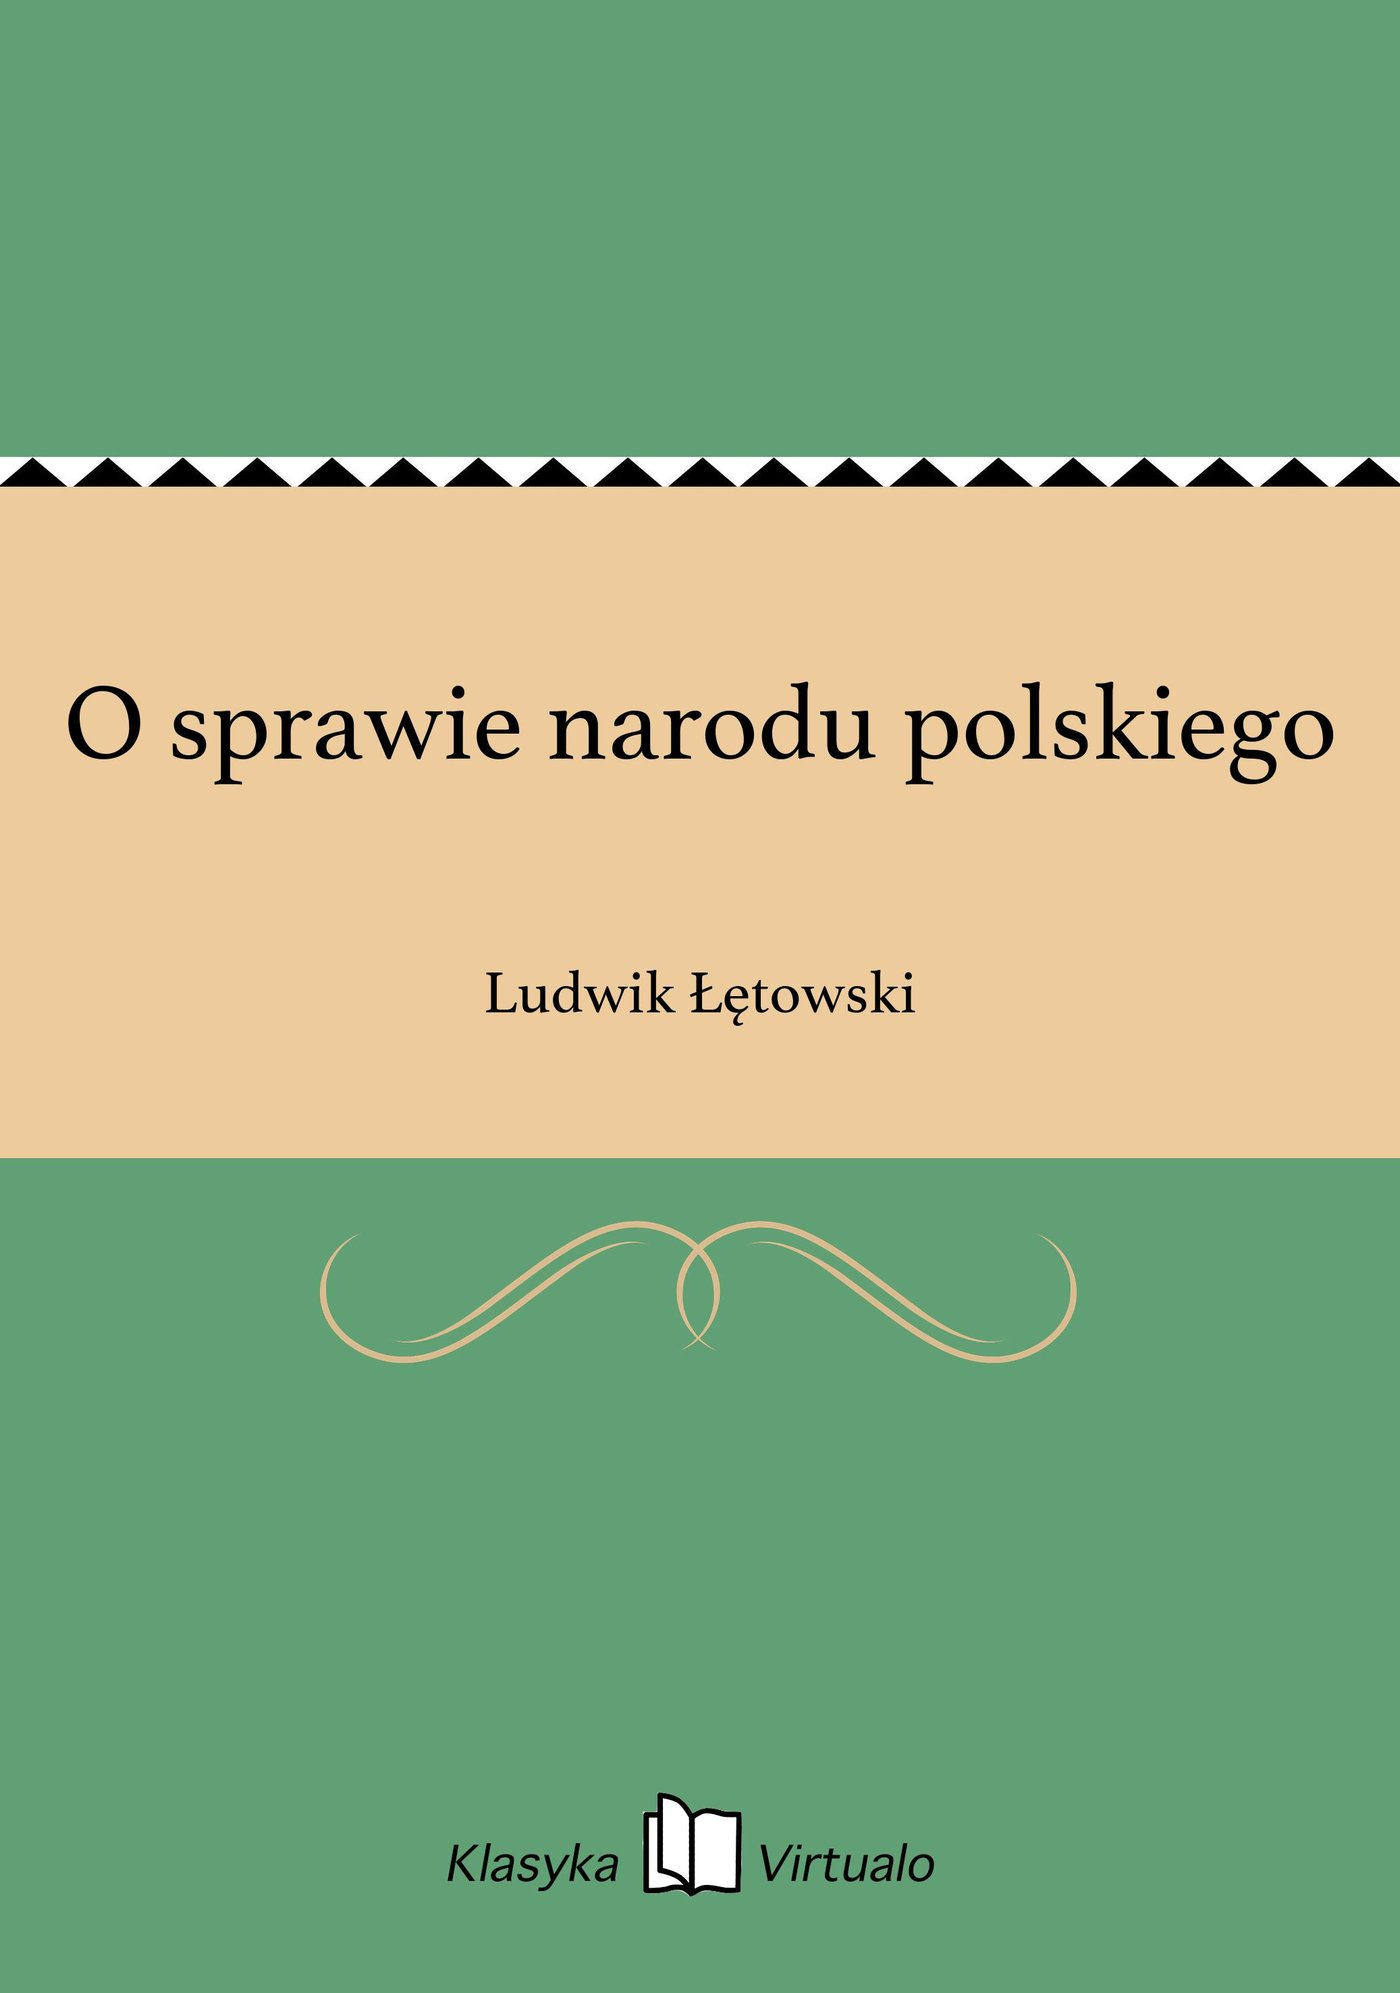 O sprawie narodu polskiego - Ebook (Książka EPUB) do pobrania w formacie EPUB